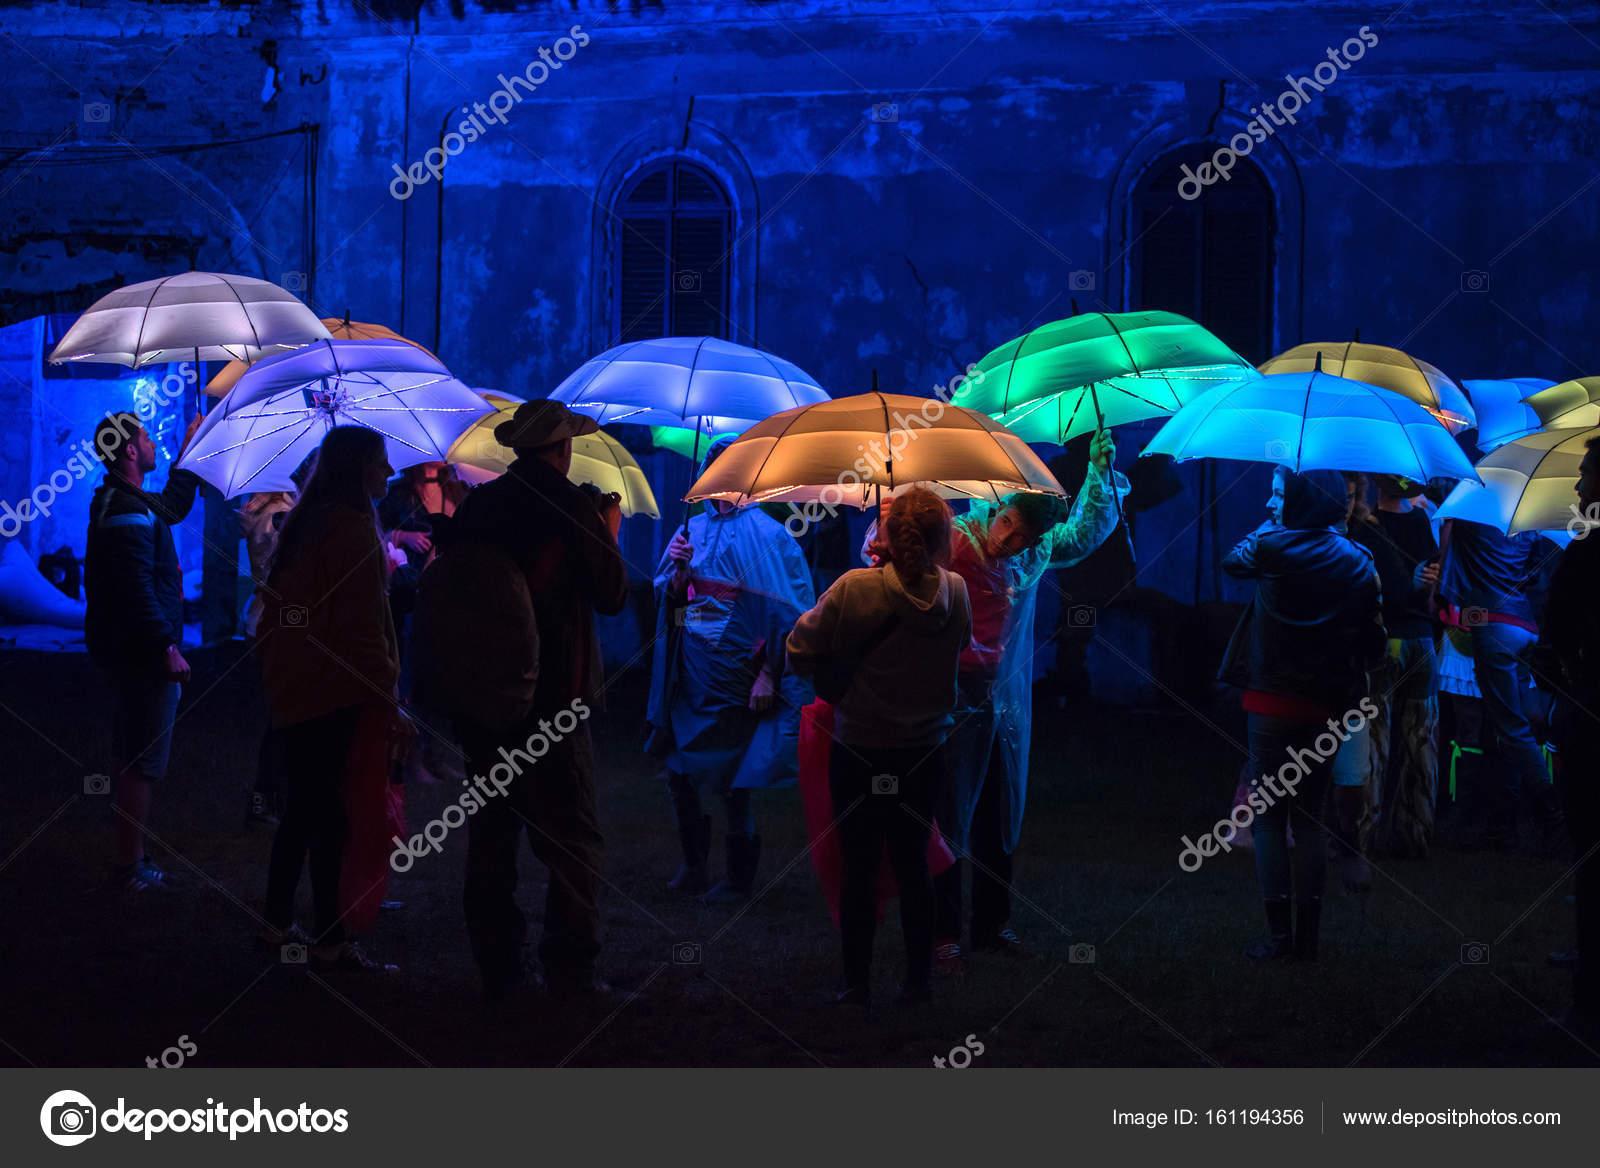 Juli 2017: Menschen, Die Spielen Mit Bunten Sonnenschirmen, Die Nachts Bei  Elektrischen Schlossfest Von Led Lampen Beleuchtet U2014 Foto Von Salajean